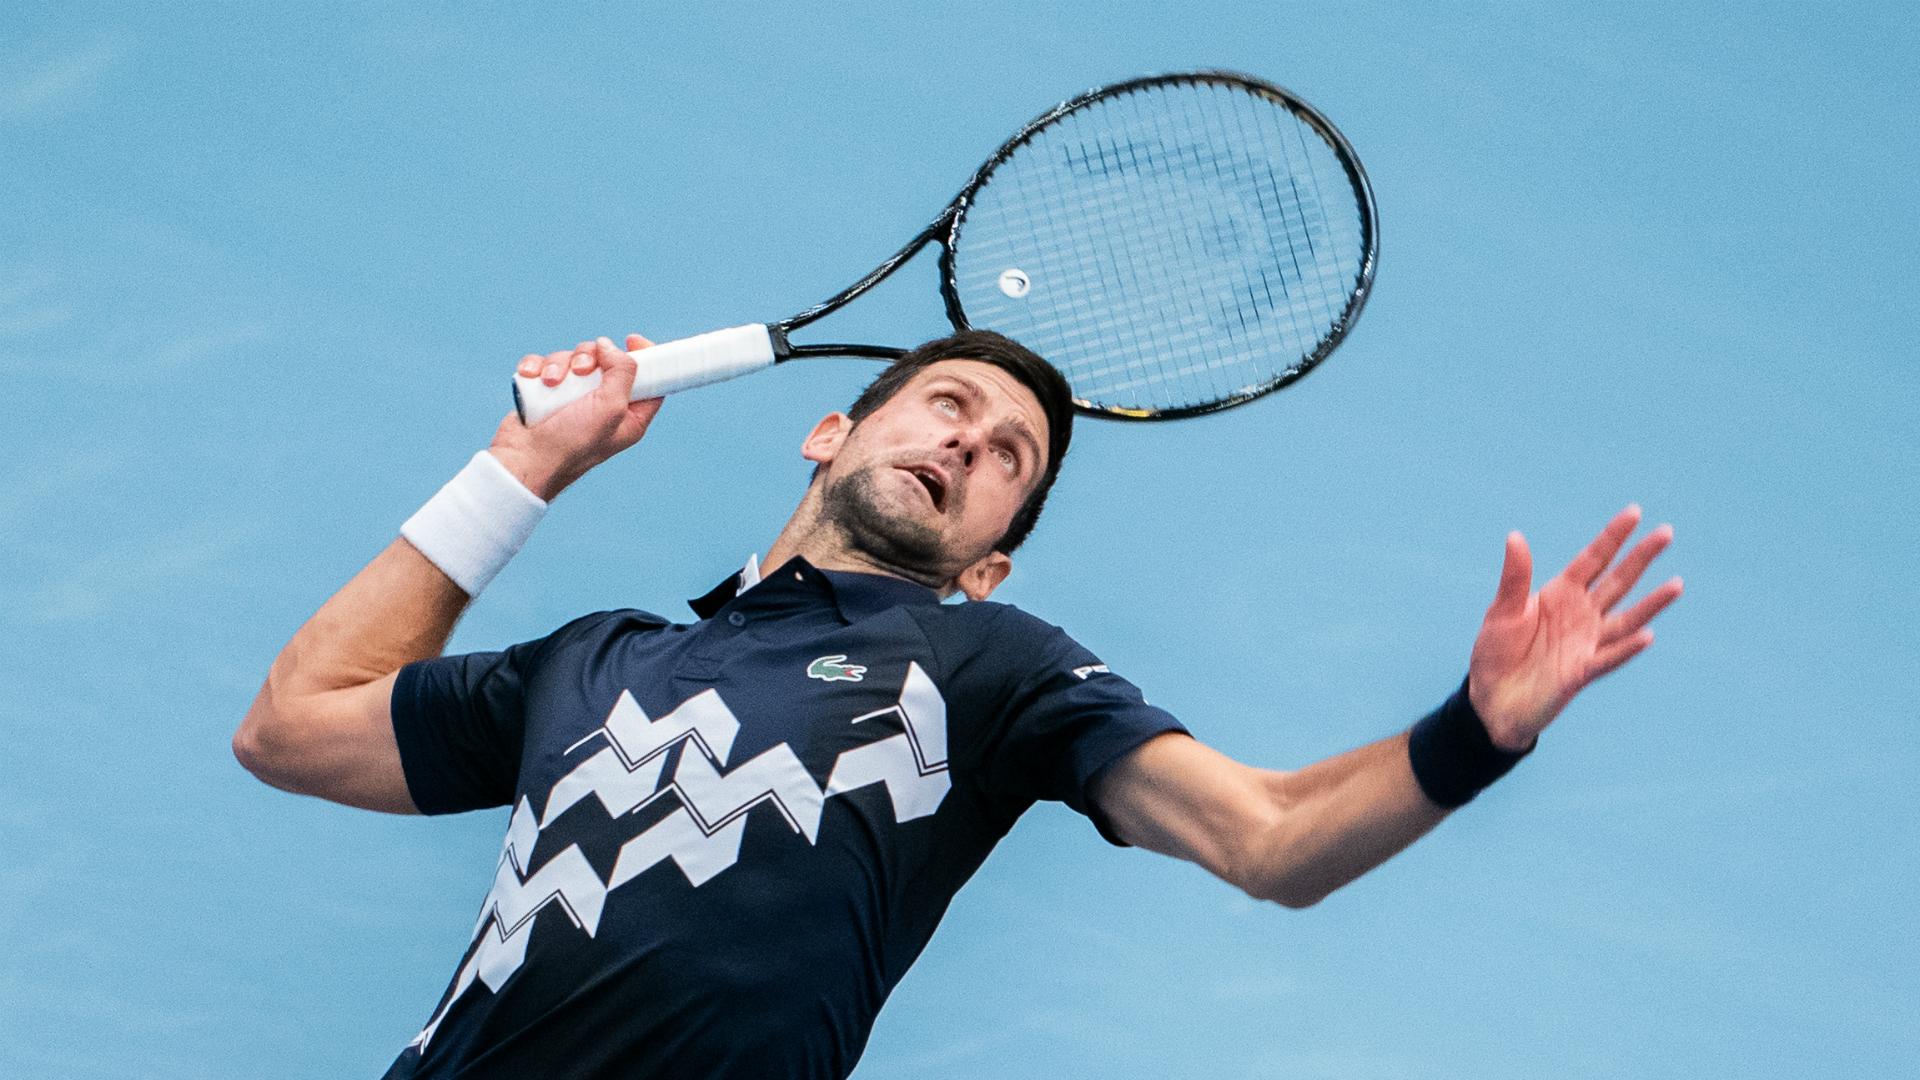 World No 1 Novak Djokovic